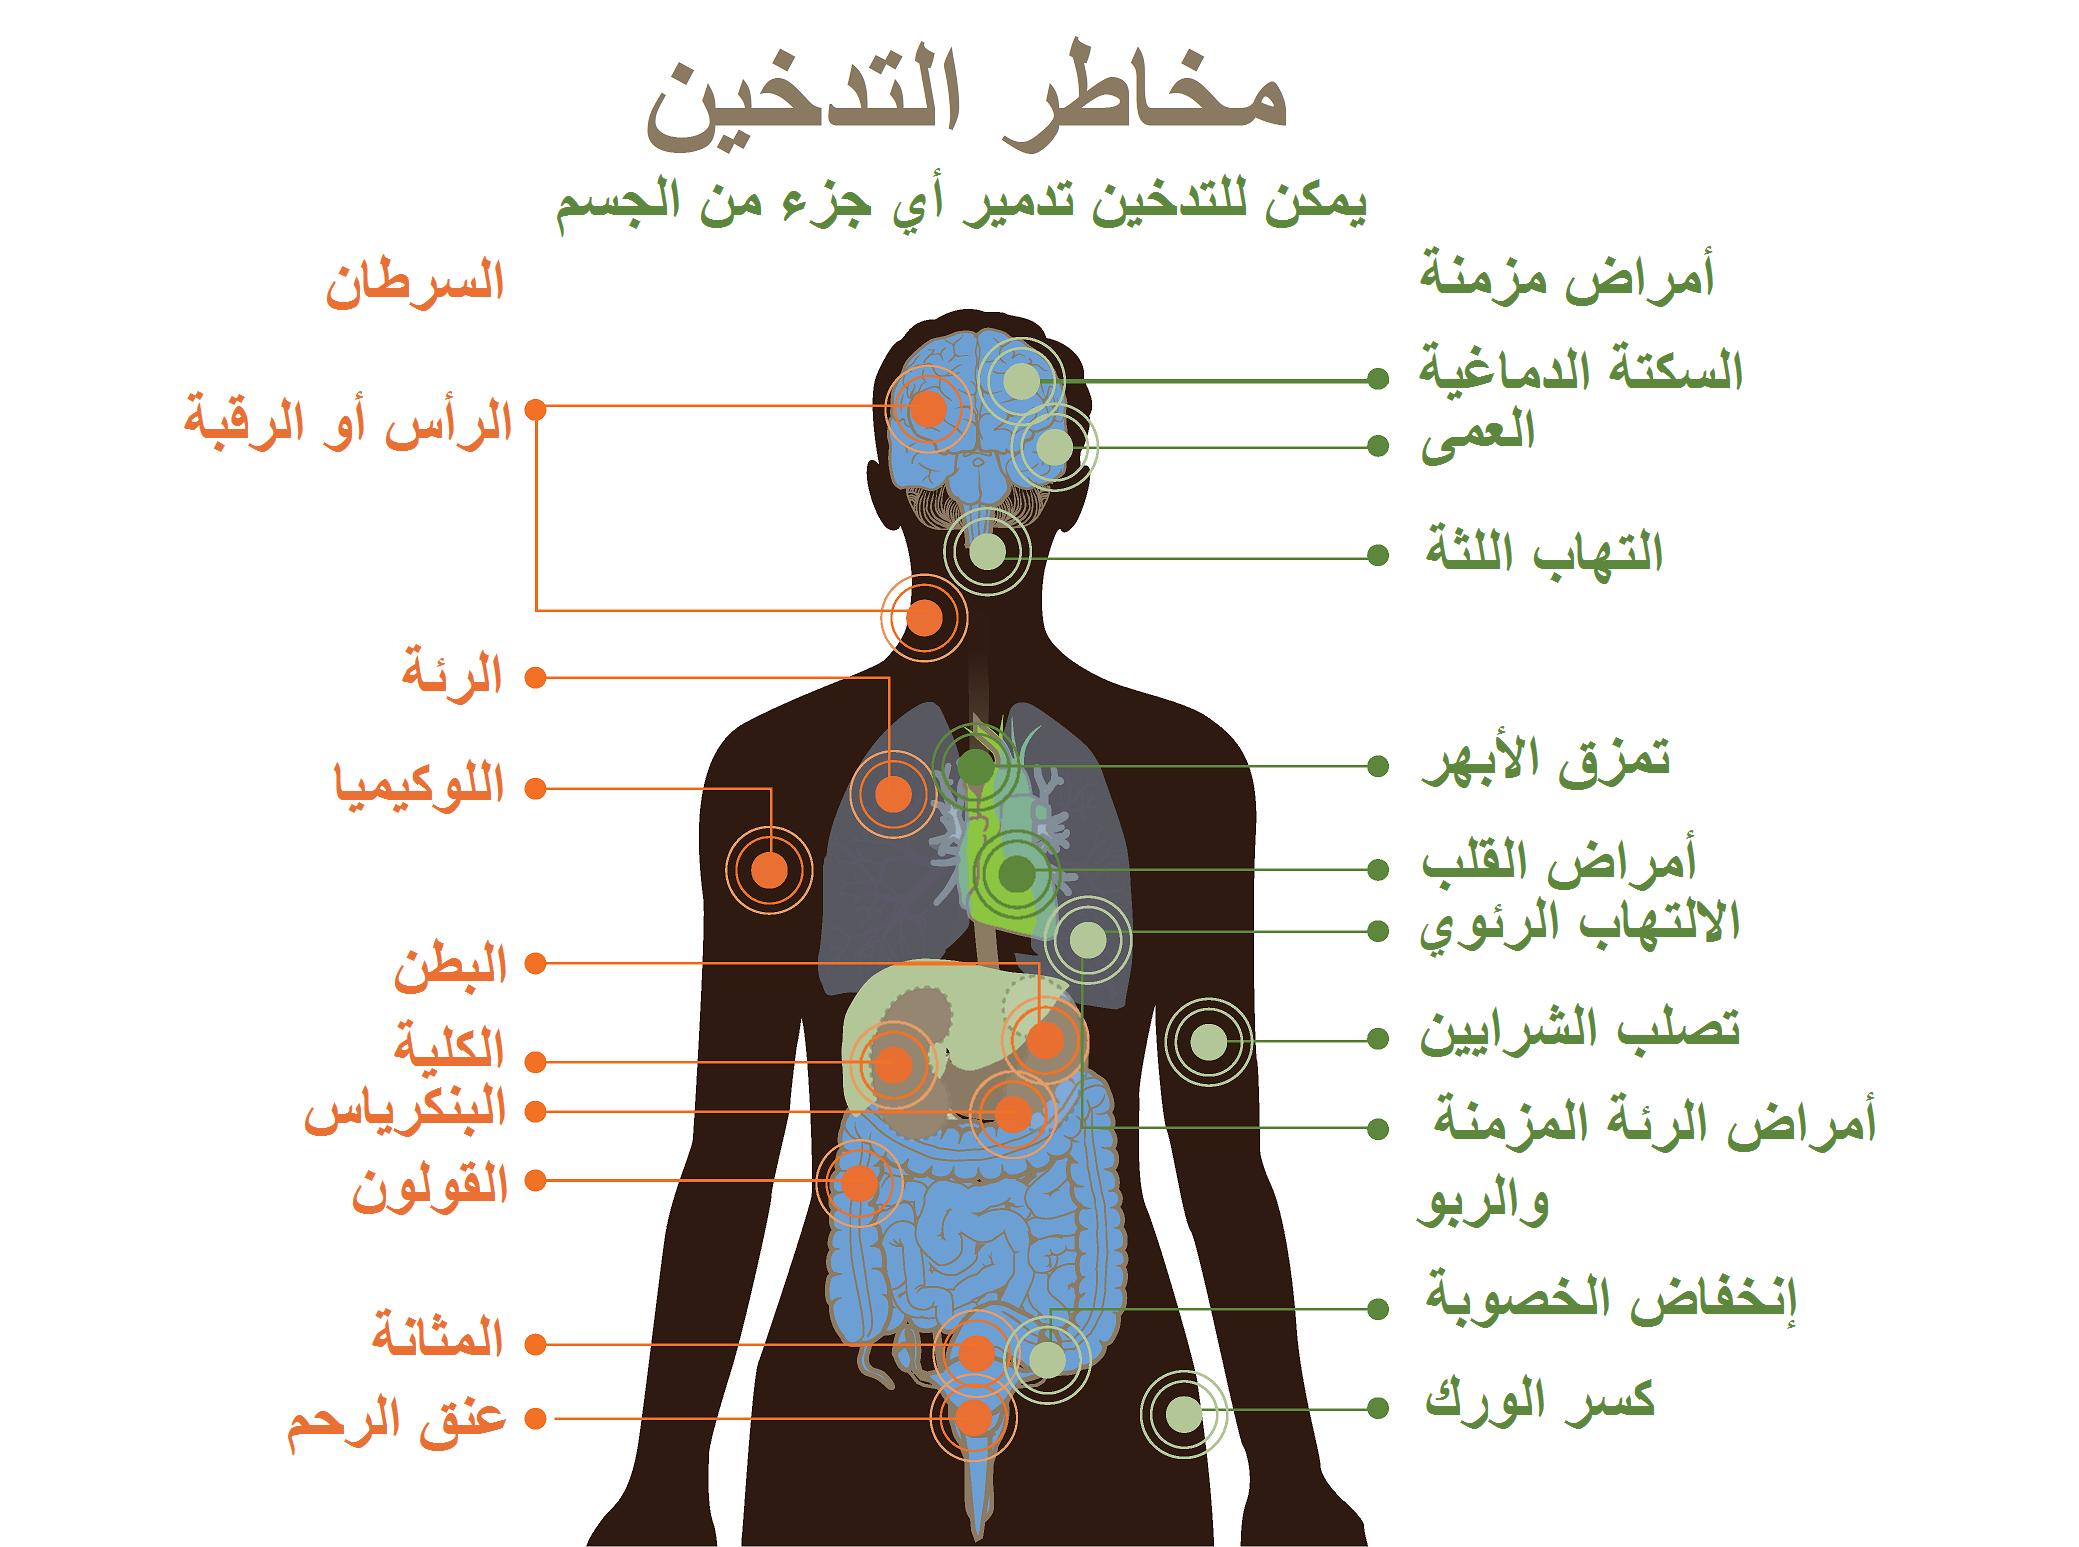 الآثار الصحية للتدخين ويكيبيديا